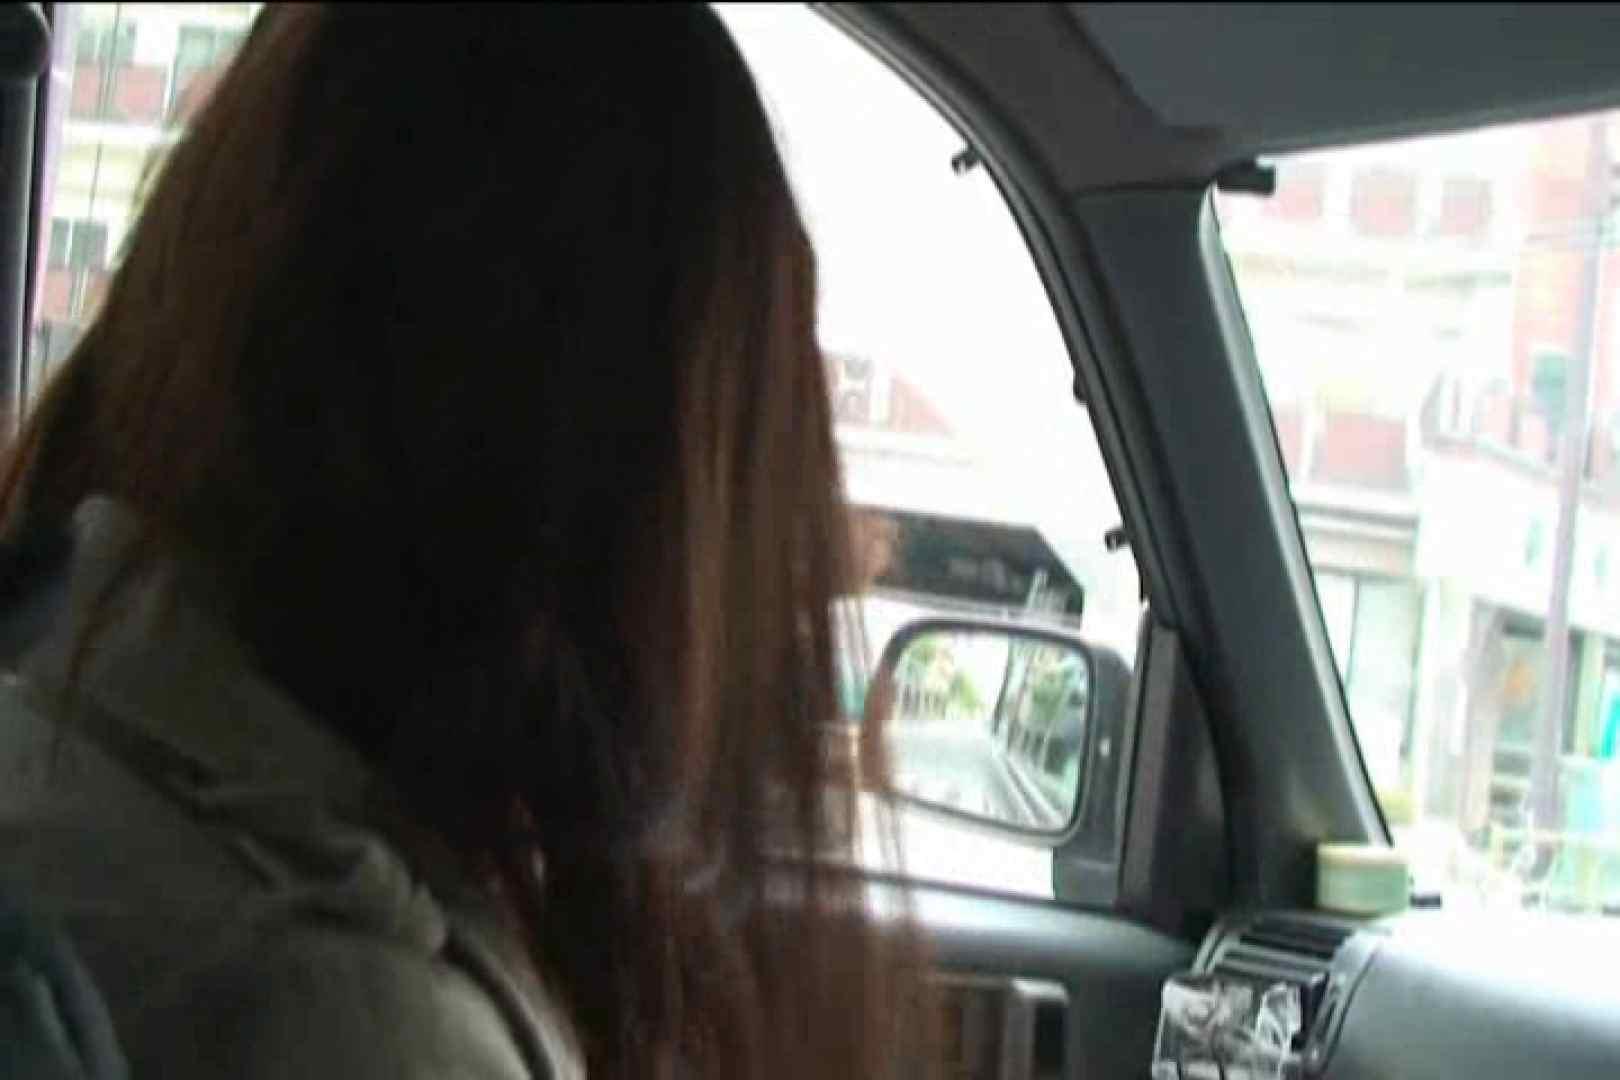 車内で初めまして! vol02 マンコ特別編 われめAV動画紹介 95枚 30